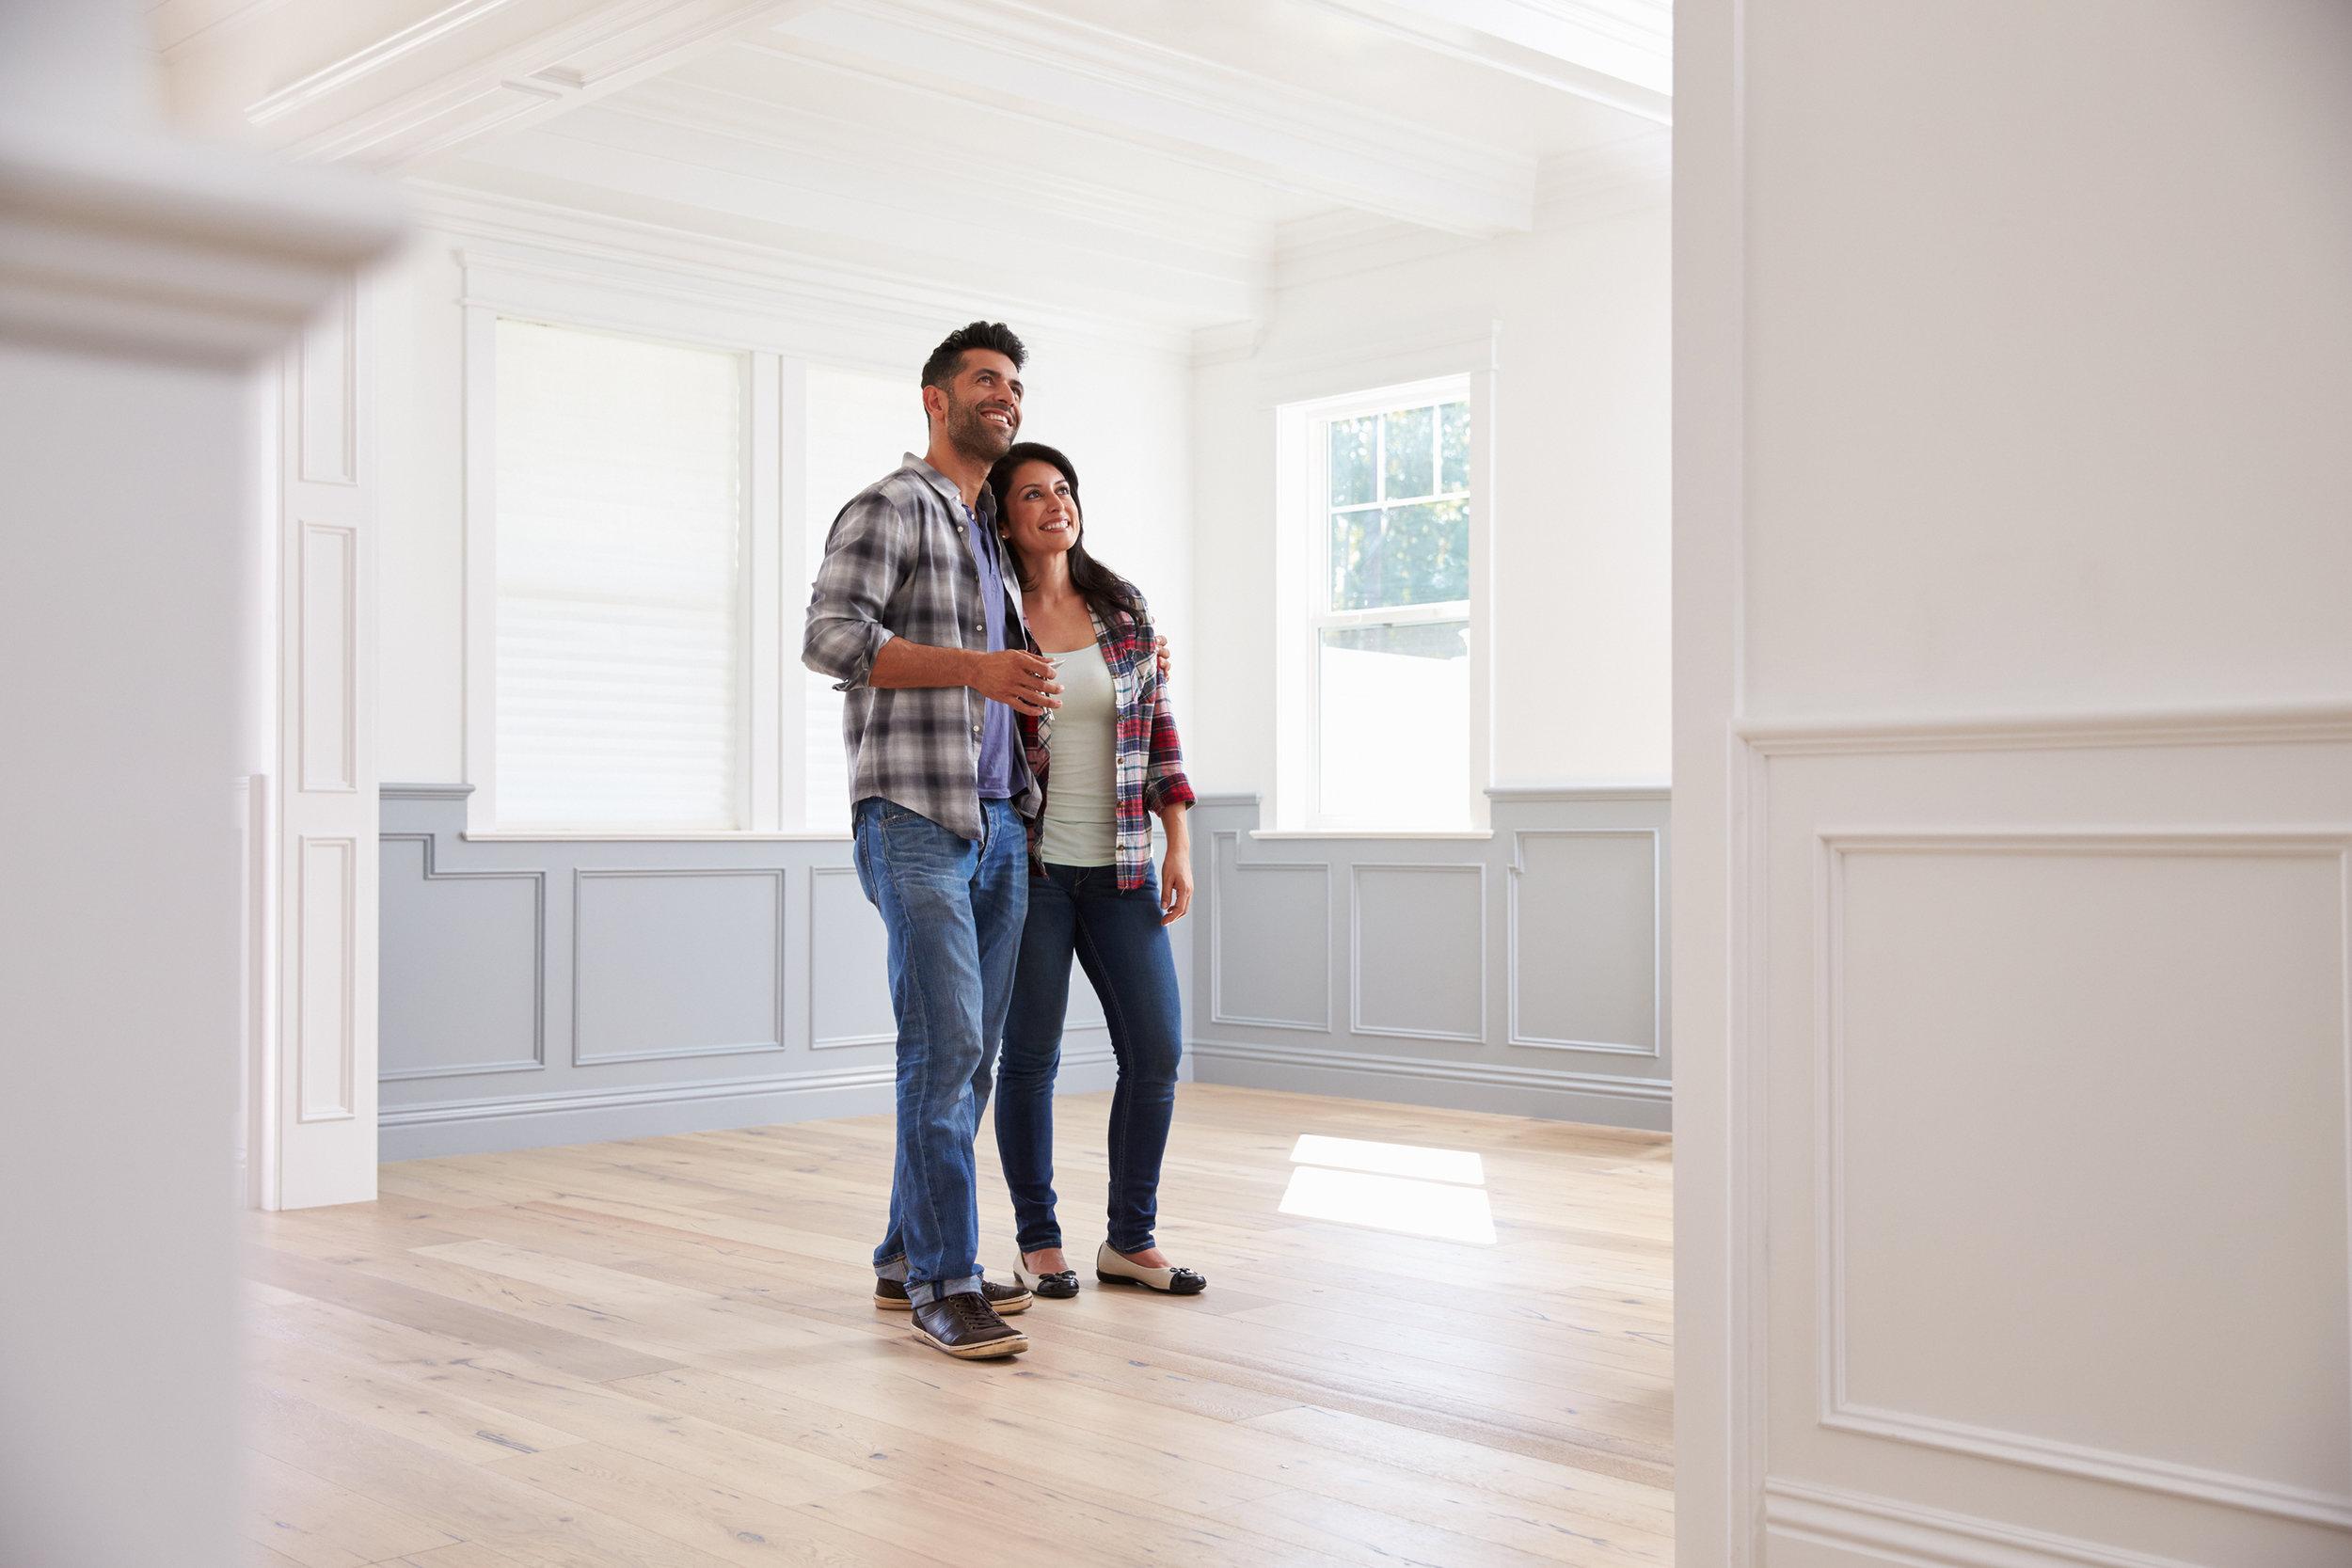 ....September 2018 - A Mortgage Principal Payment (value $2,000)..Septembre 2018 - Paiement de capital hypothécaire (valeur de 2000 $)....